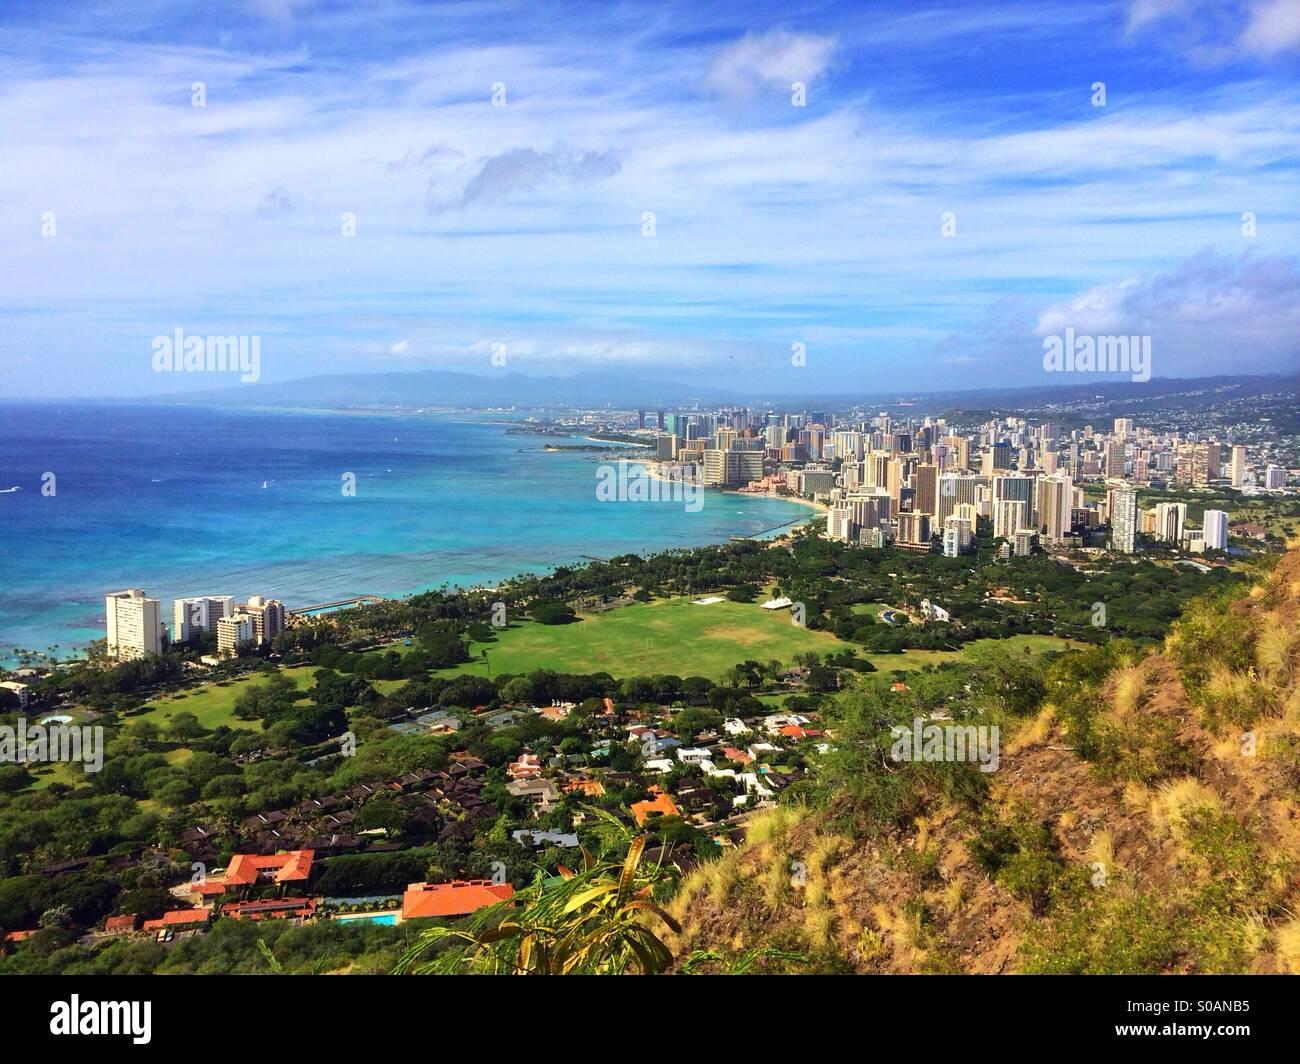 Photos prises le Cratère de Diamond Head, Oahu Photo Stock